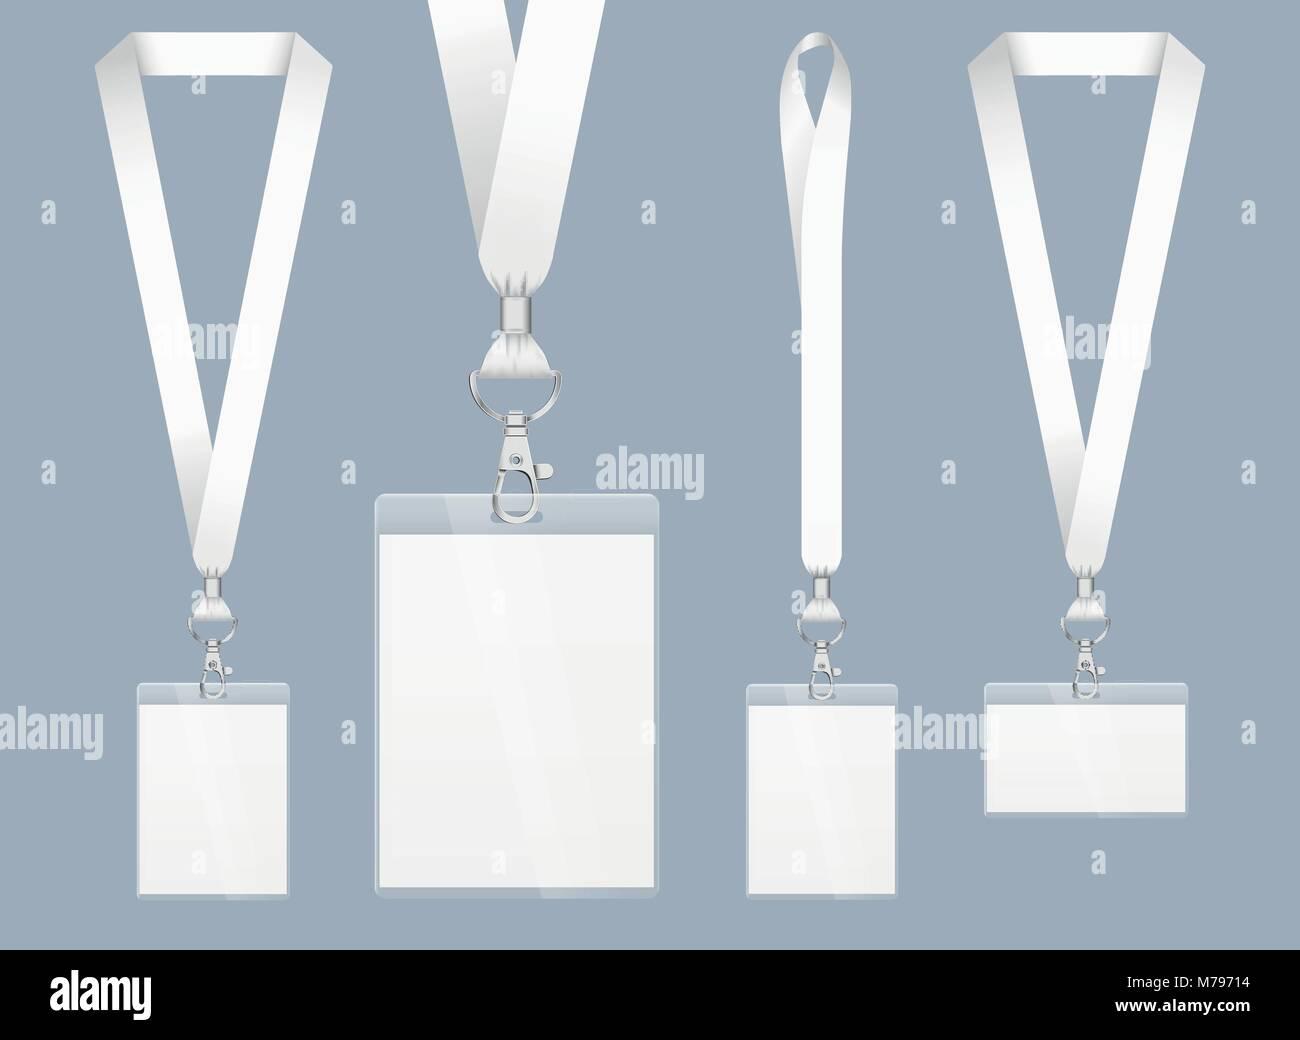 907e20854ff6 Diseño de cordón, ILUSTRACIÓN REALISTA. Tarjeta de identificación ...